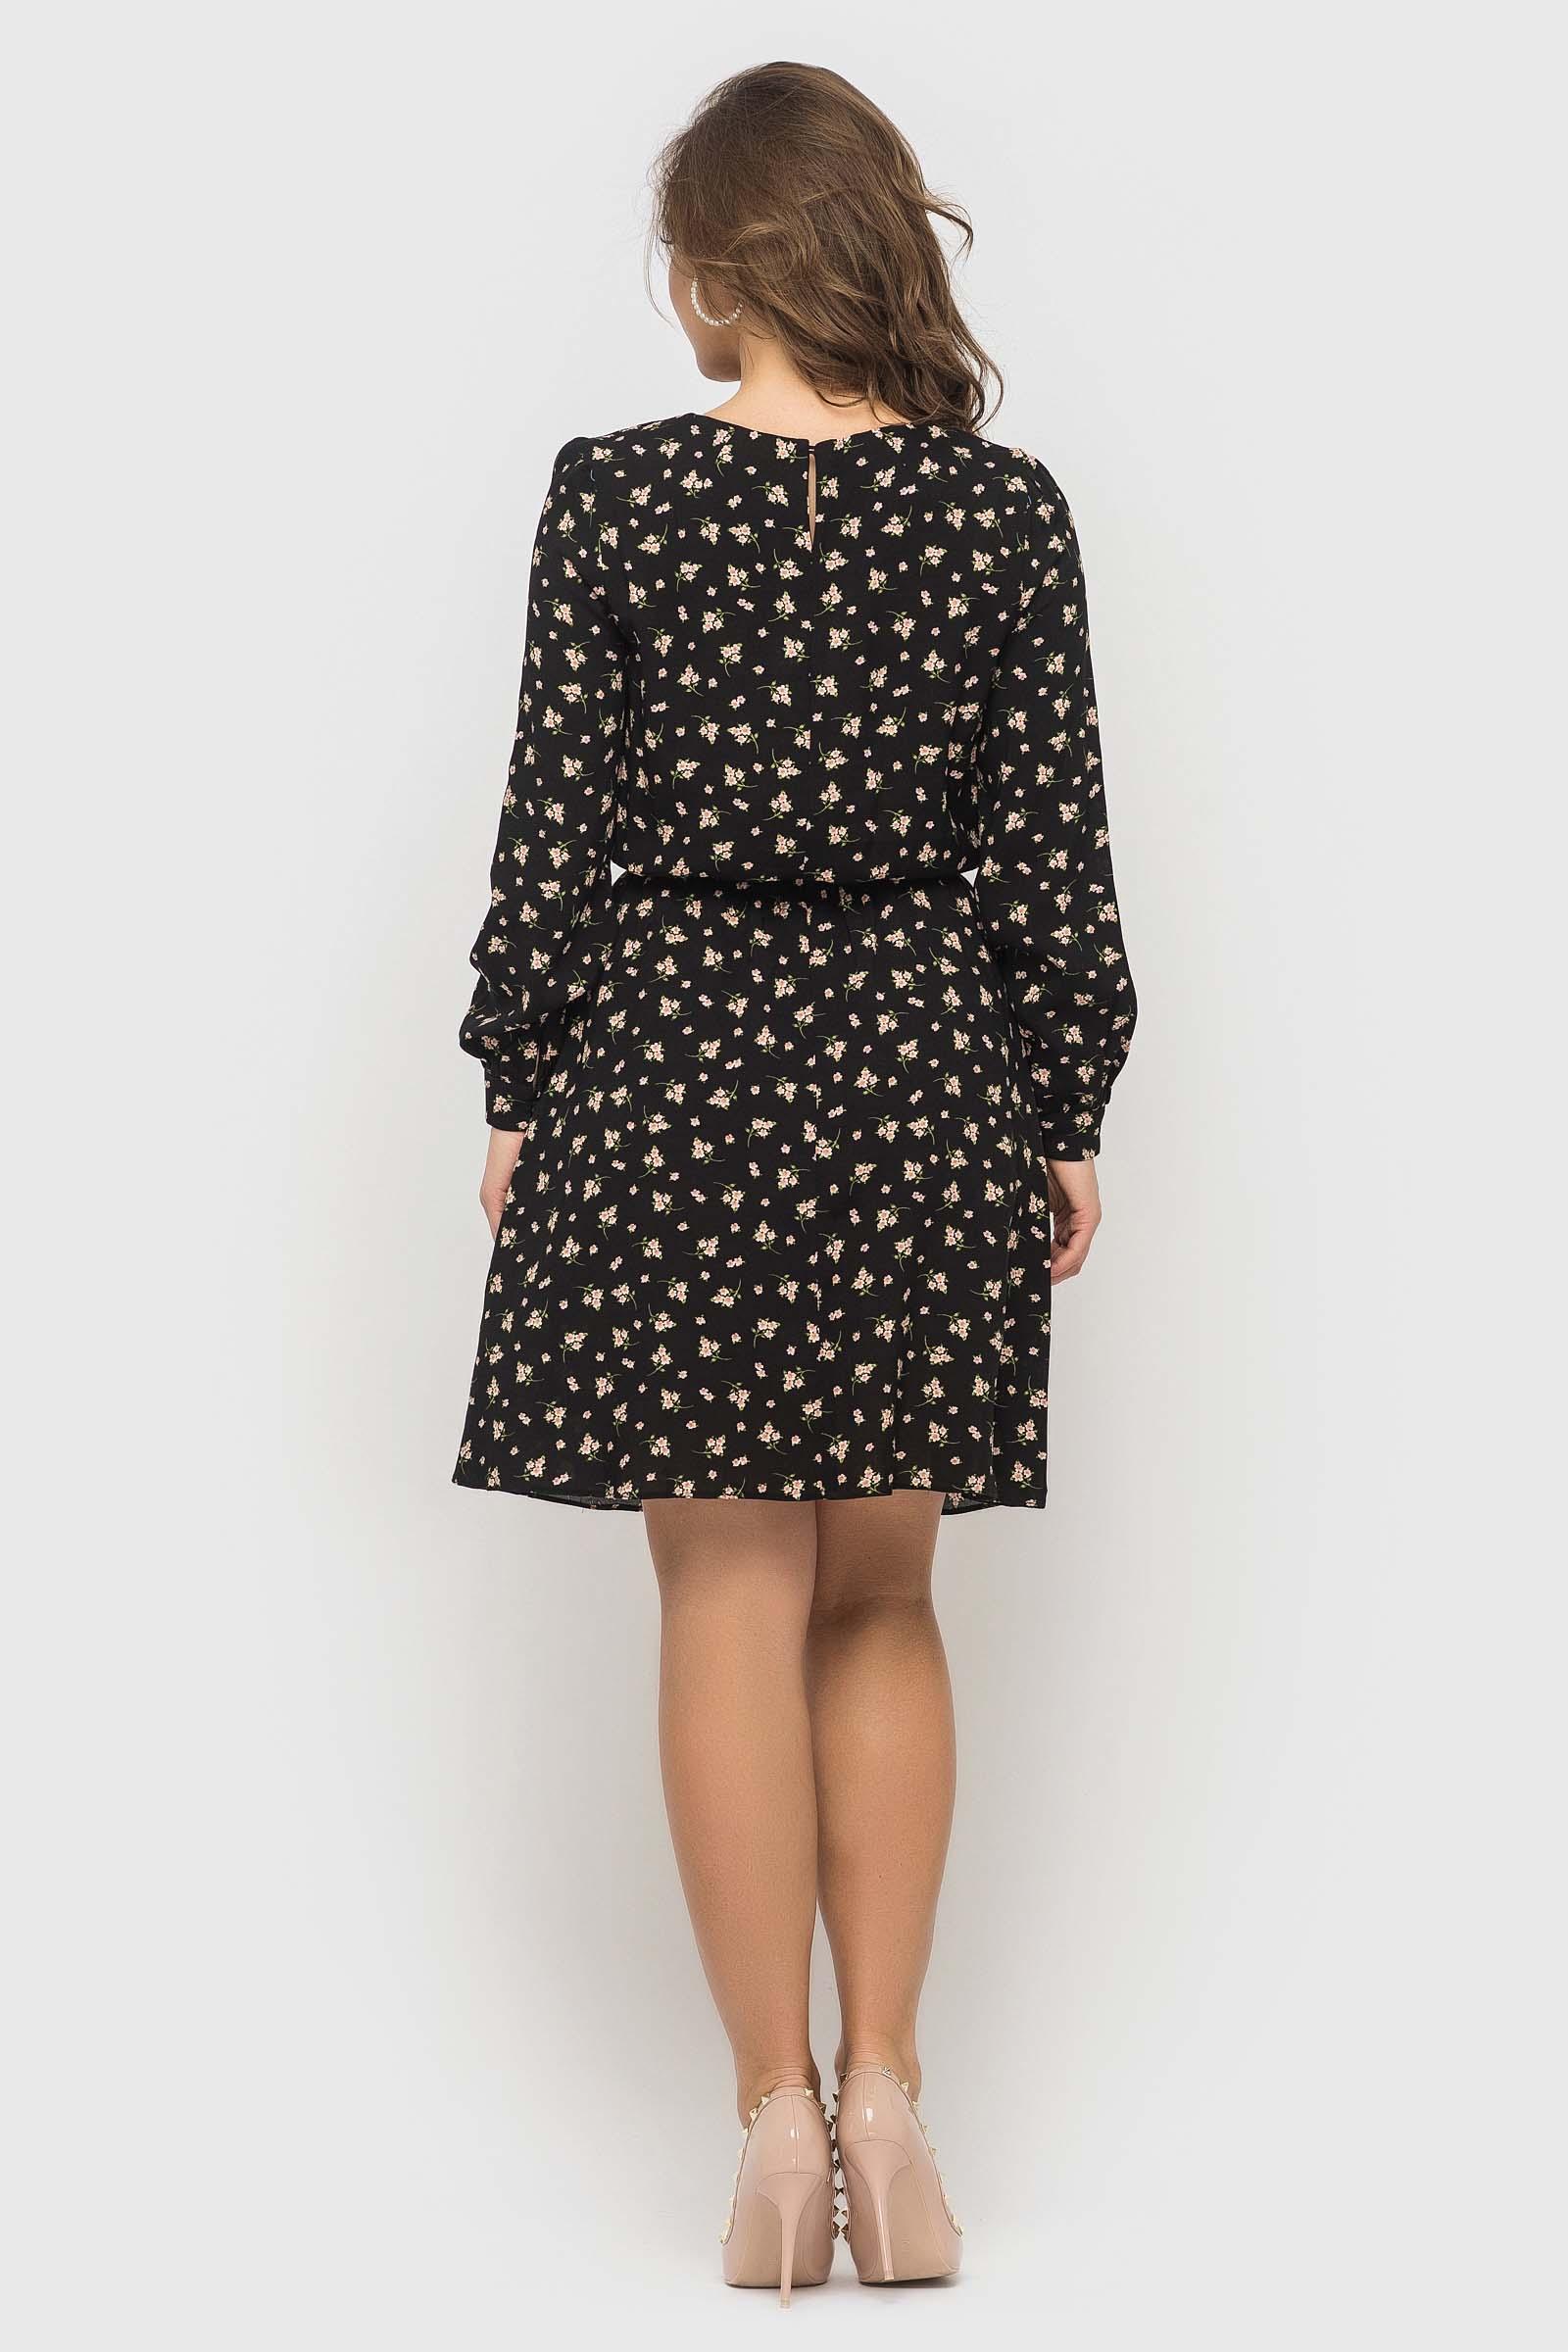 be art 2020 04 07182778 Купить платье